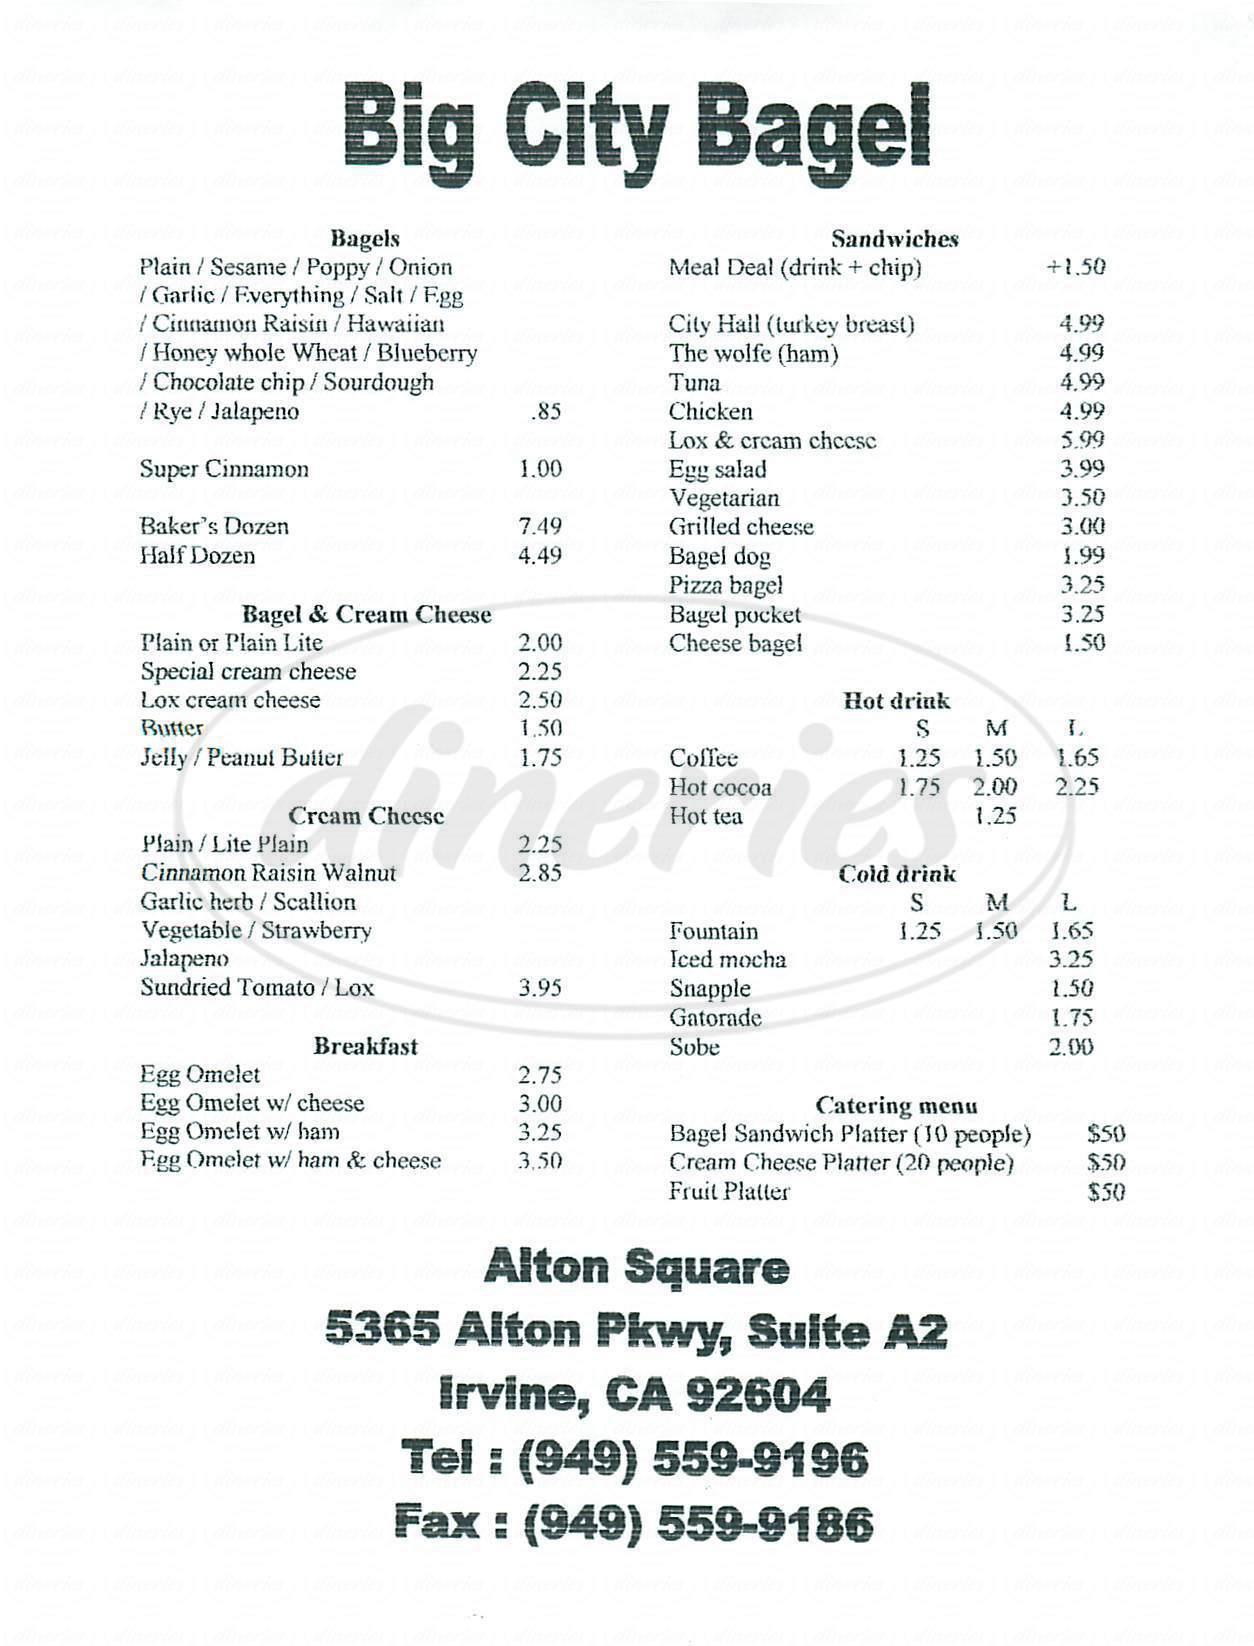 menu for Bay City Bagel